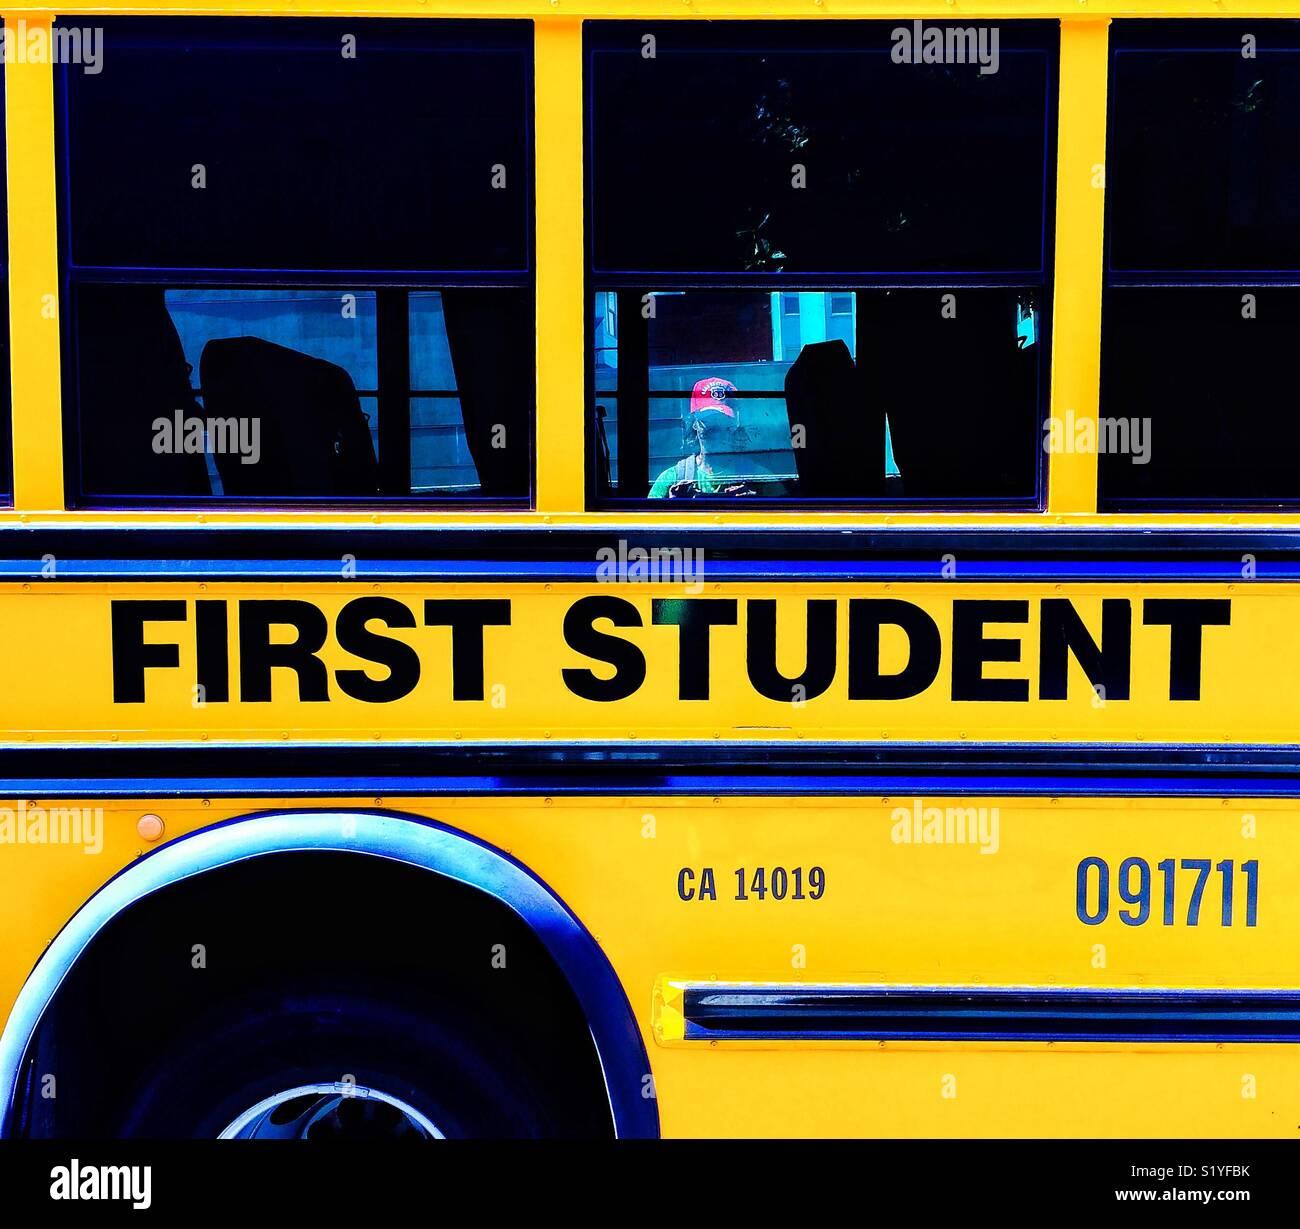 Giallo primo studente Bus, CALIFORNIA, STATI UNITI D'AMERICA Immagini Stock